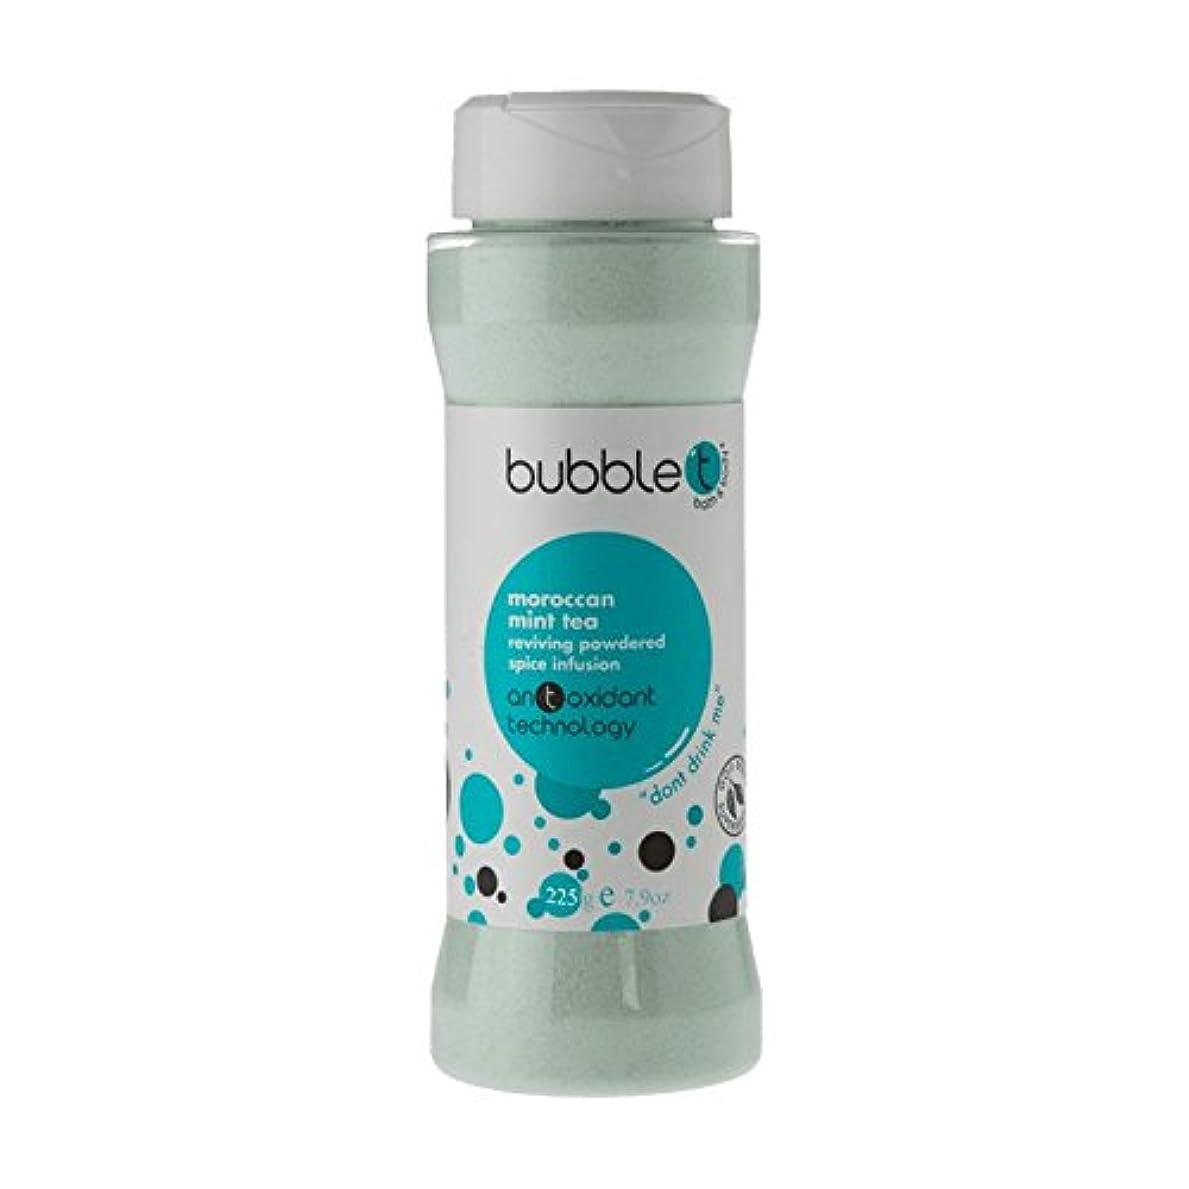 徴収追い払う意味バブルトン風呂スパイス注入モロッコのミントティー225グラム - Bubble T Bath Spice Infusion Morrocan Mint Tea 225g (Bubble T) [並行輸入品]